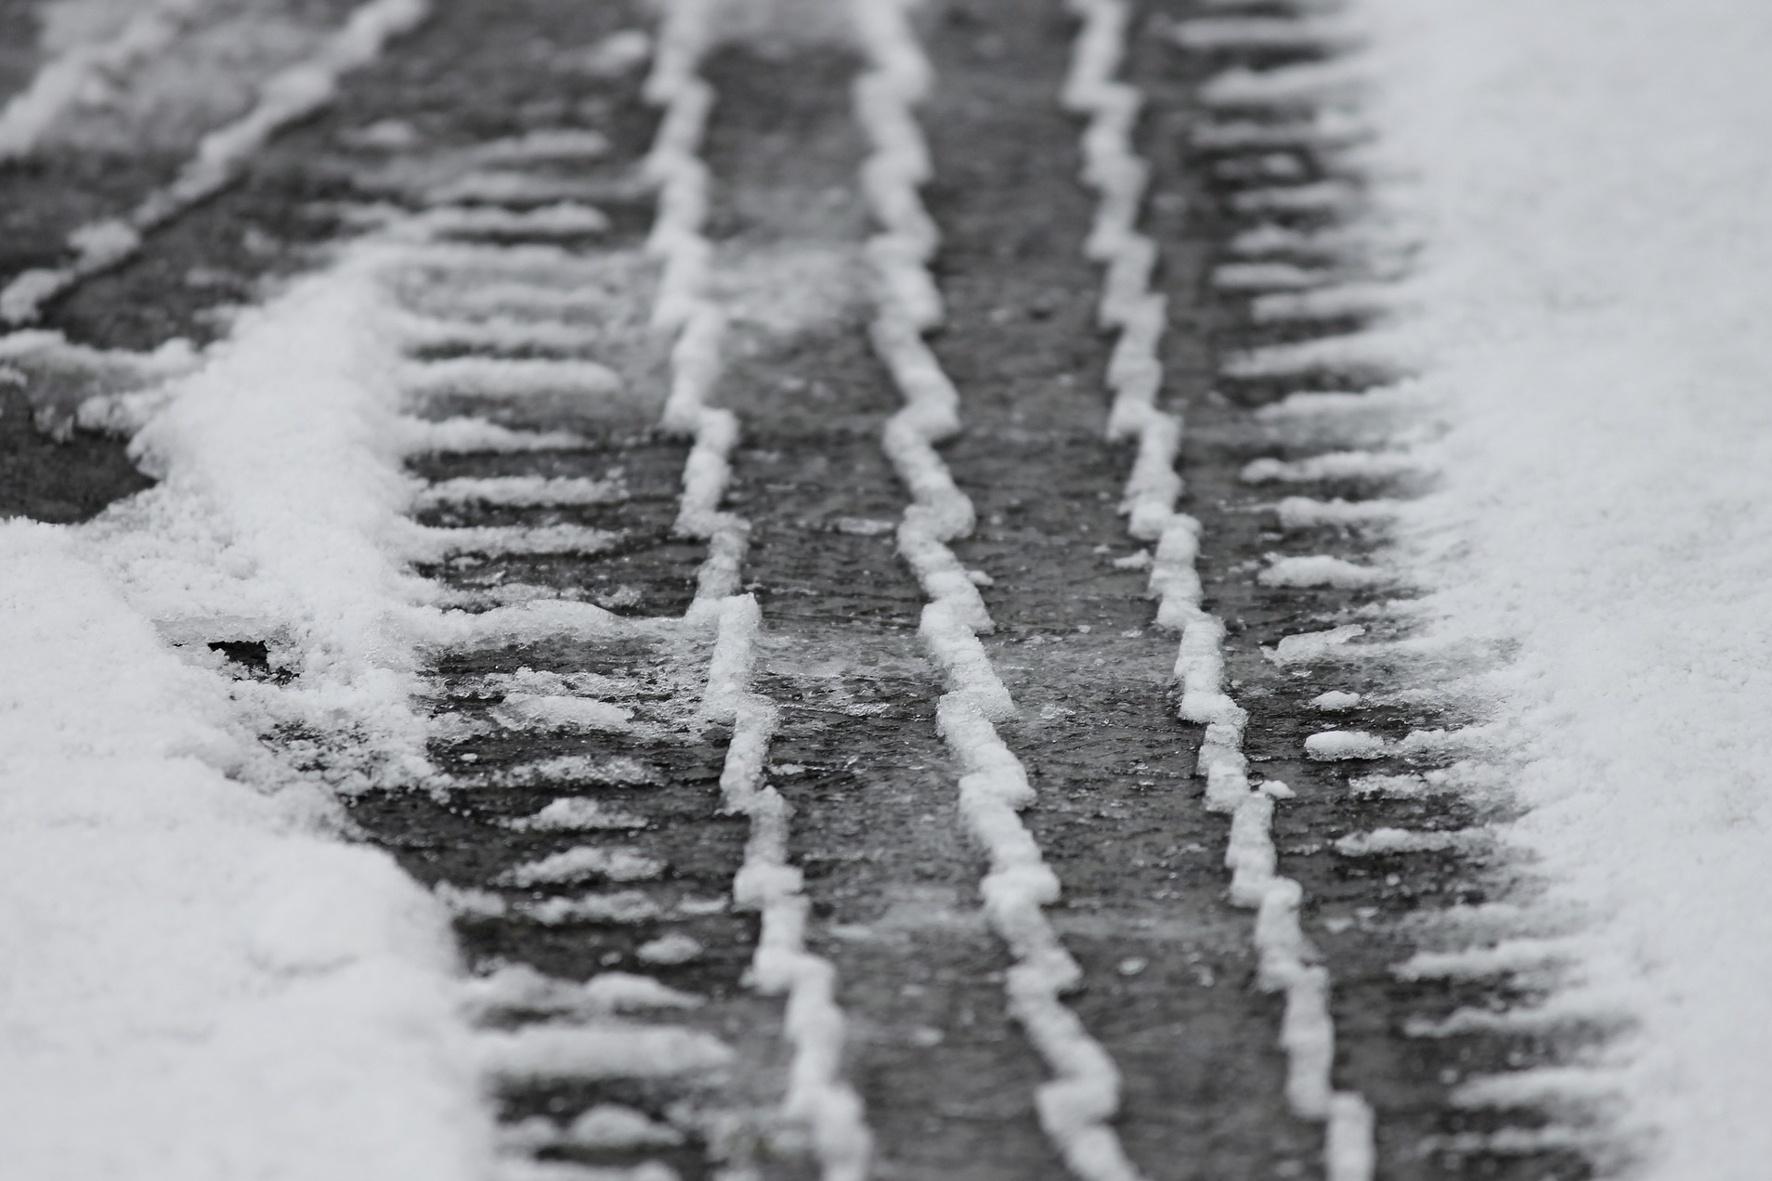 Spuren im Schnee: Mit Winterreifen sind Autofahrer auf der sicheren Seite. Sie müssen aber auch das den Gummis zugeordnete Tempolimit beachten. © Coduka/ TRD mobil